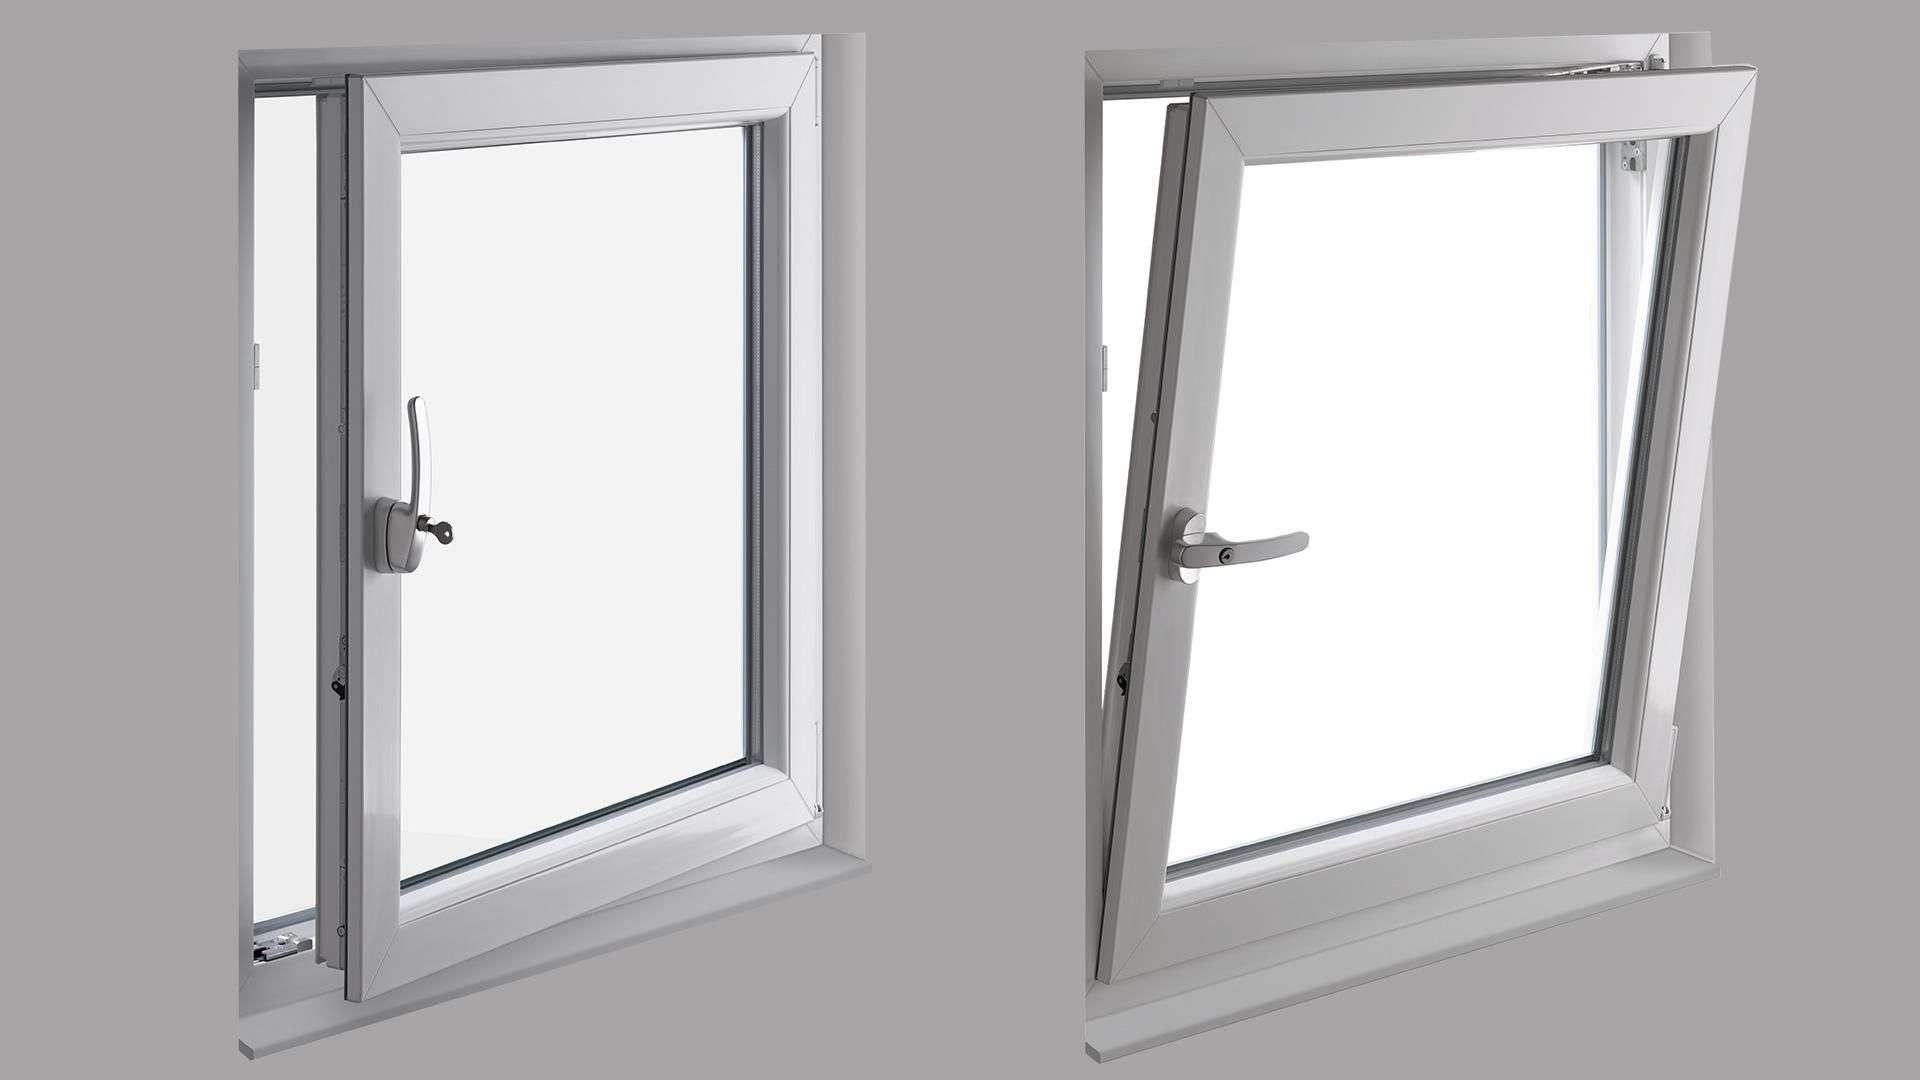 Abbildung zweier Fenstern, eines offen und eines auf Kipp